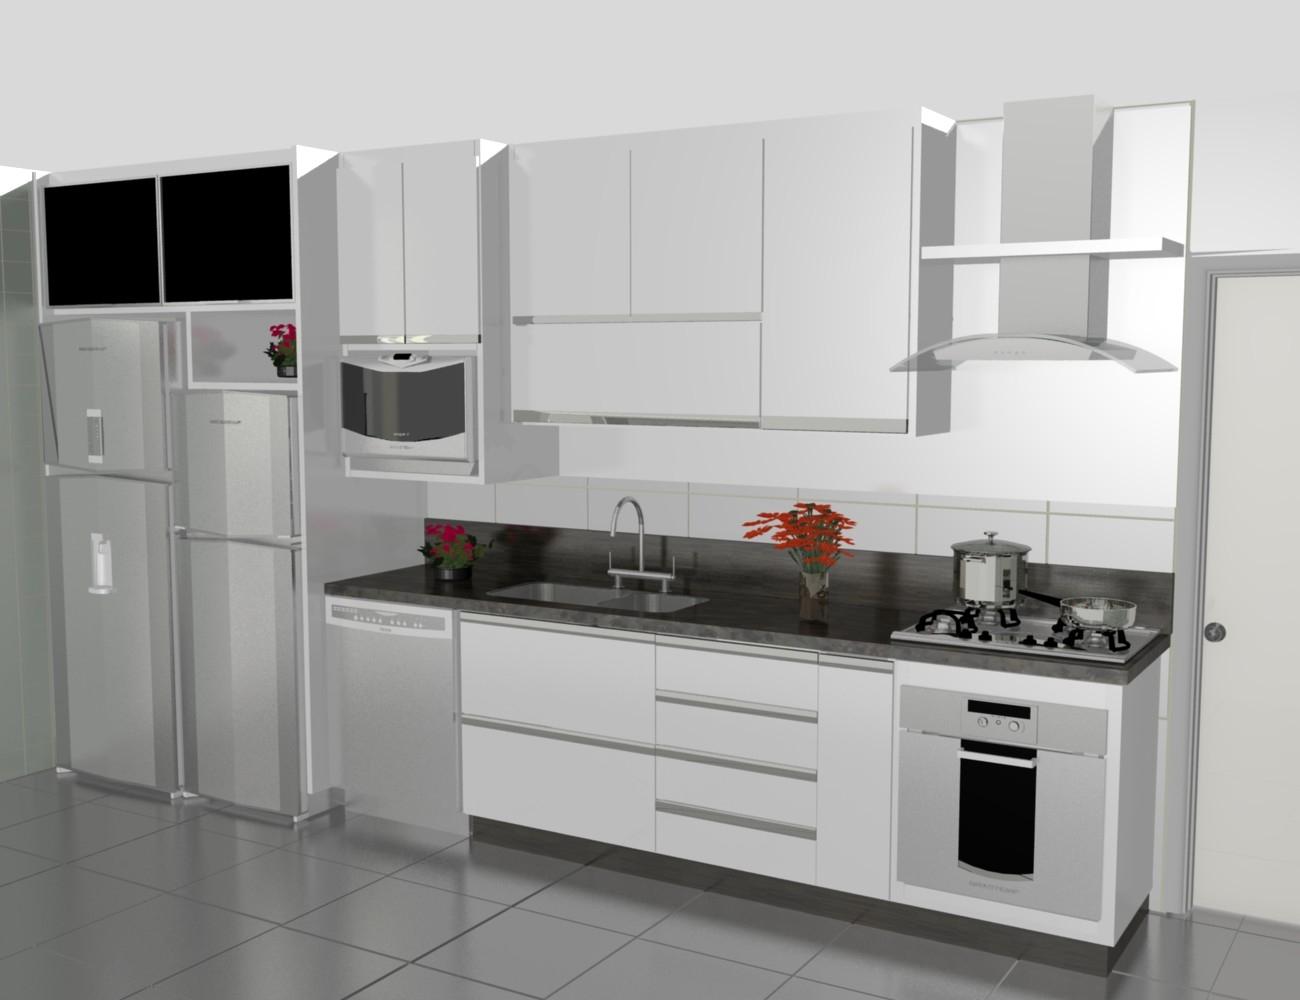 Cozinha Americana Modulada Best Leiart Moveis Panejados Marcenaria